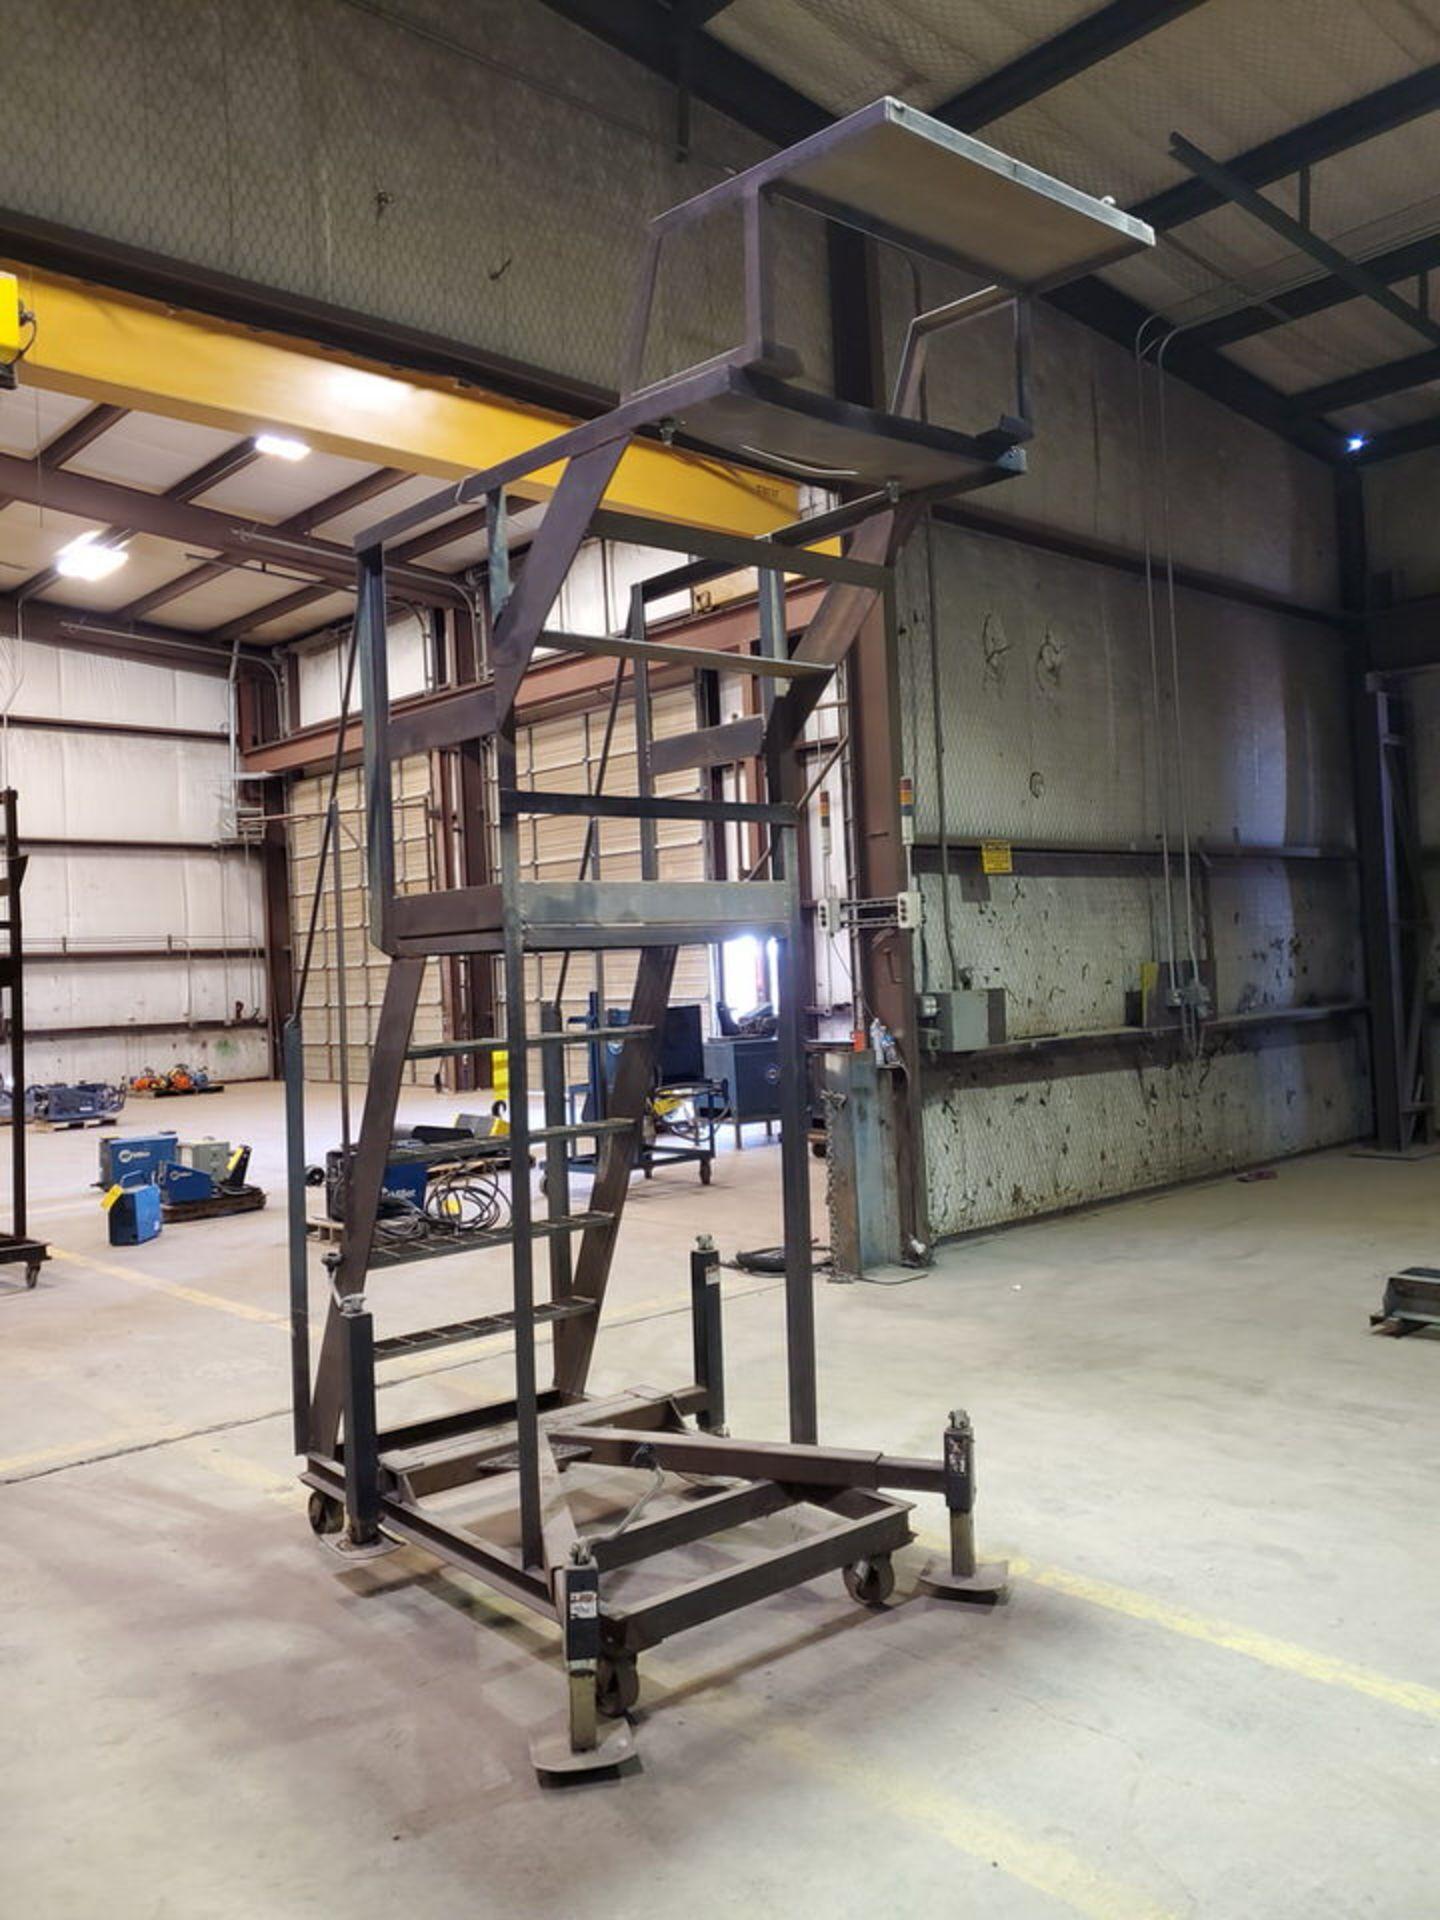 """Stl 4-Step Roling Platform Ladder 6' x 4'6"""" x 10'H; 7K Cap. - Image 7 of 8"""